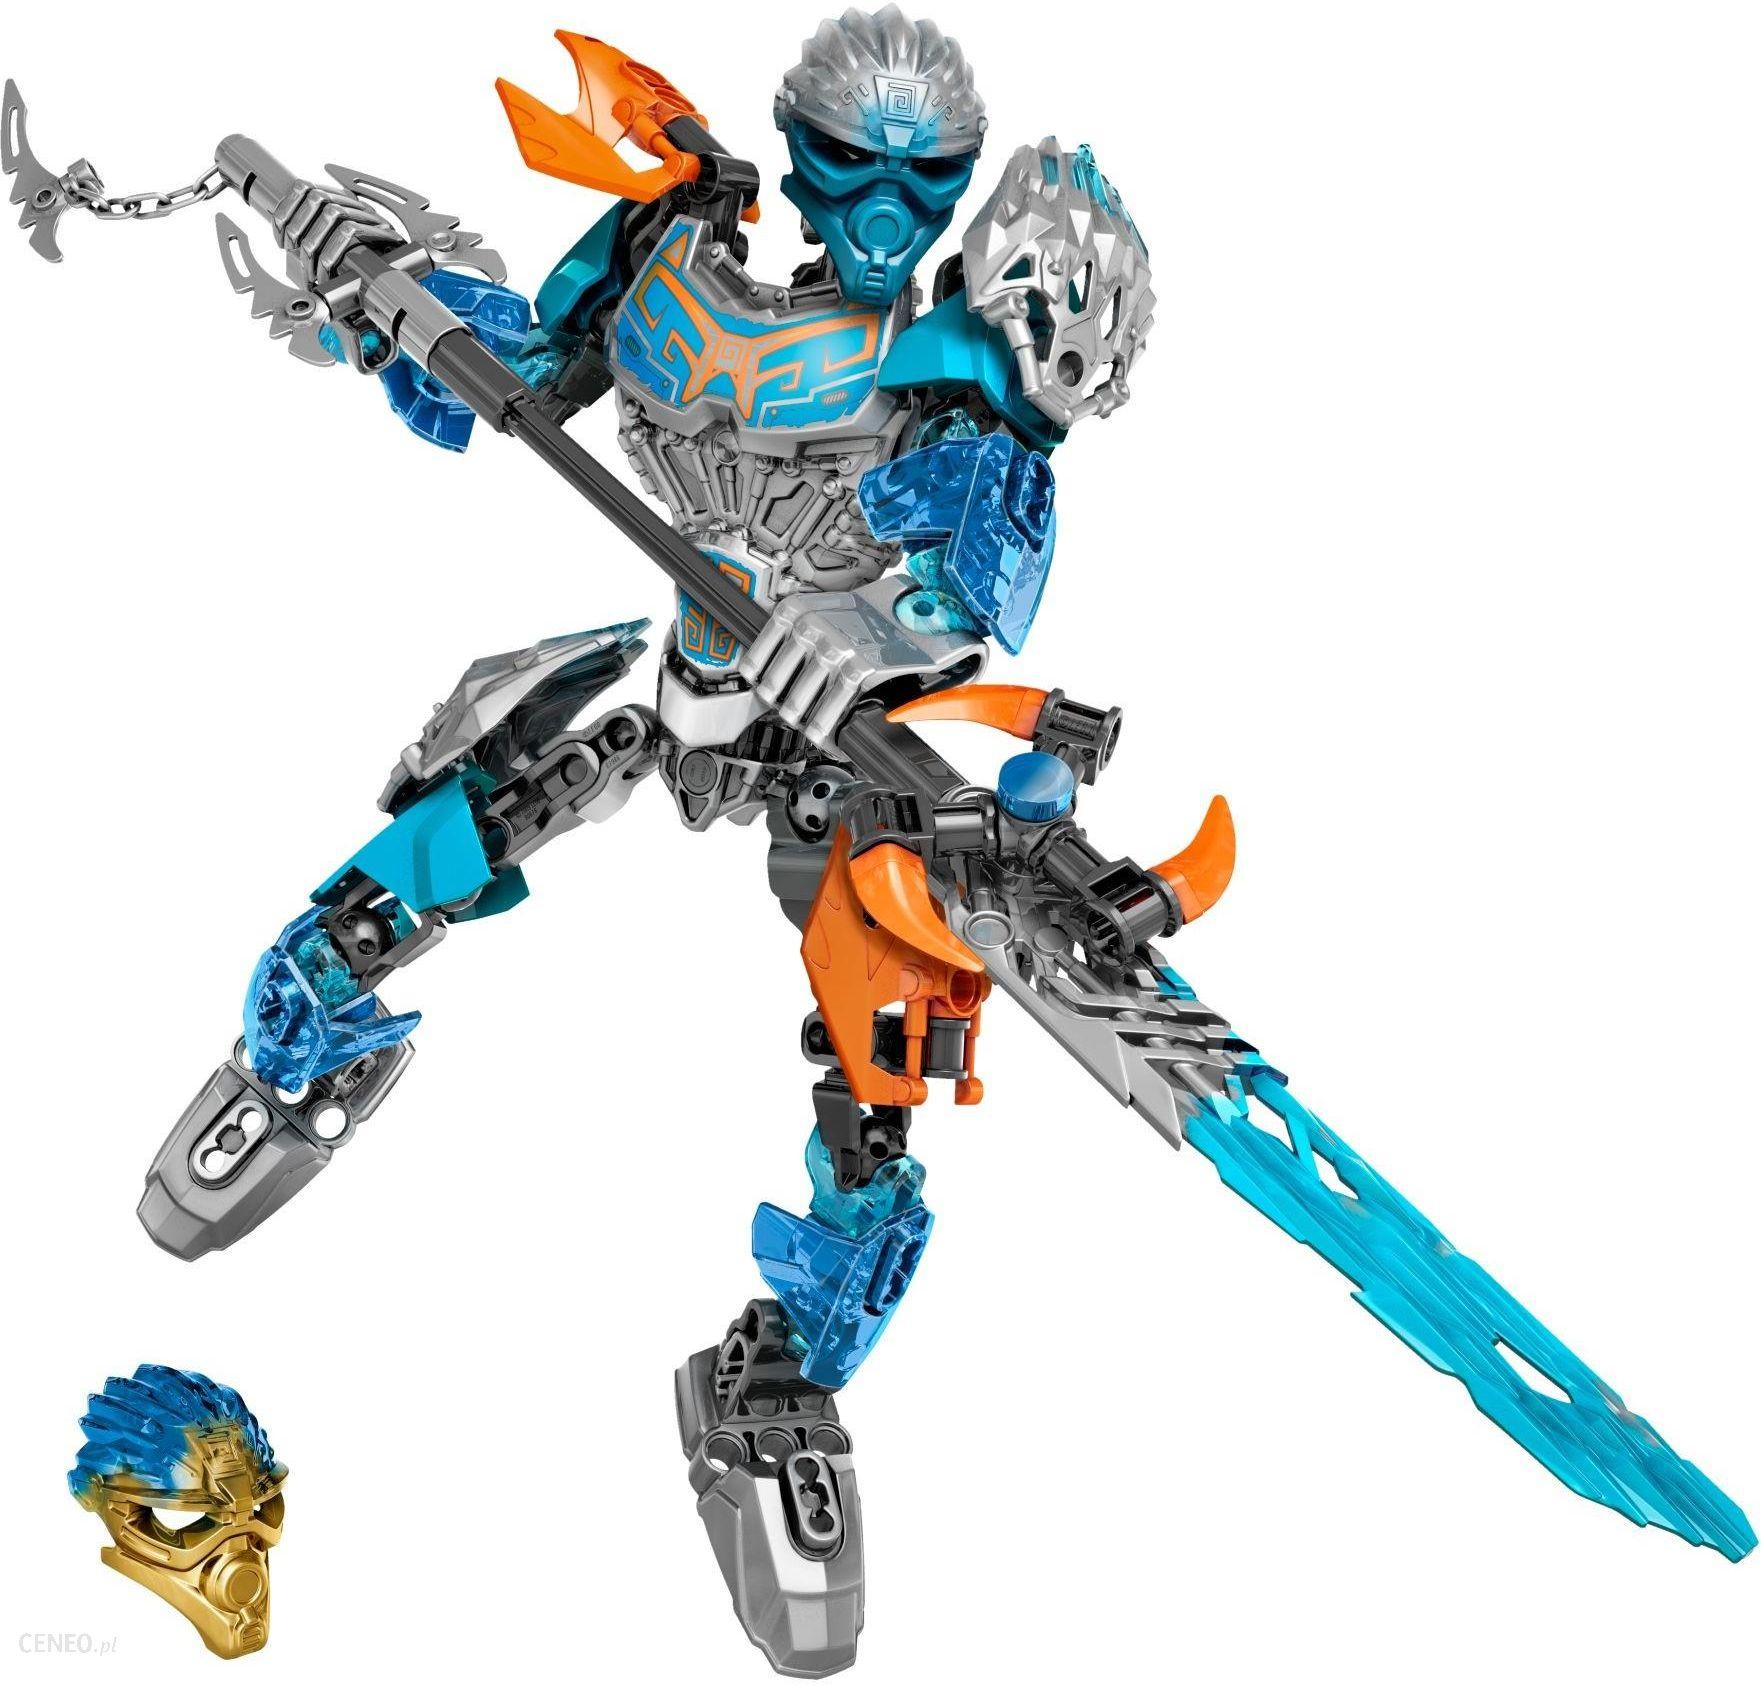 Klocki Lego Bionicle Gali 71307 Ceny I Opinie Ceneopl